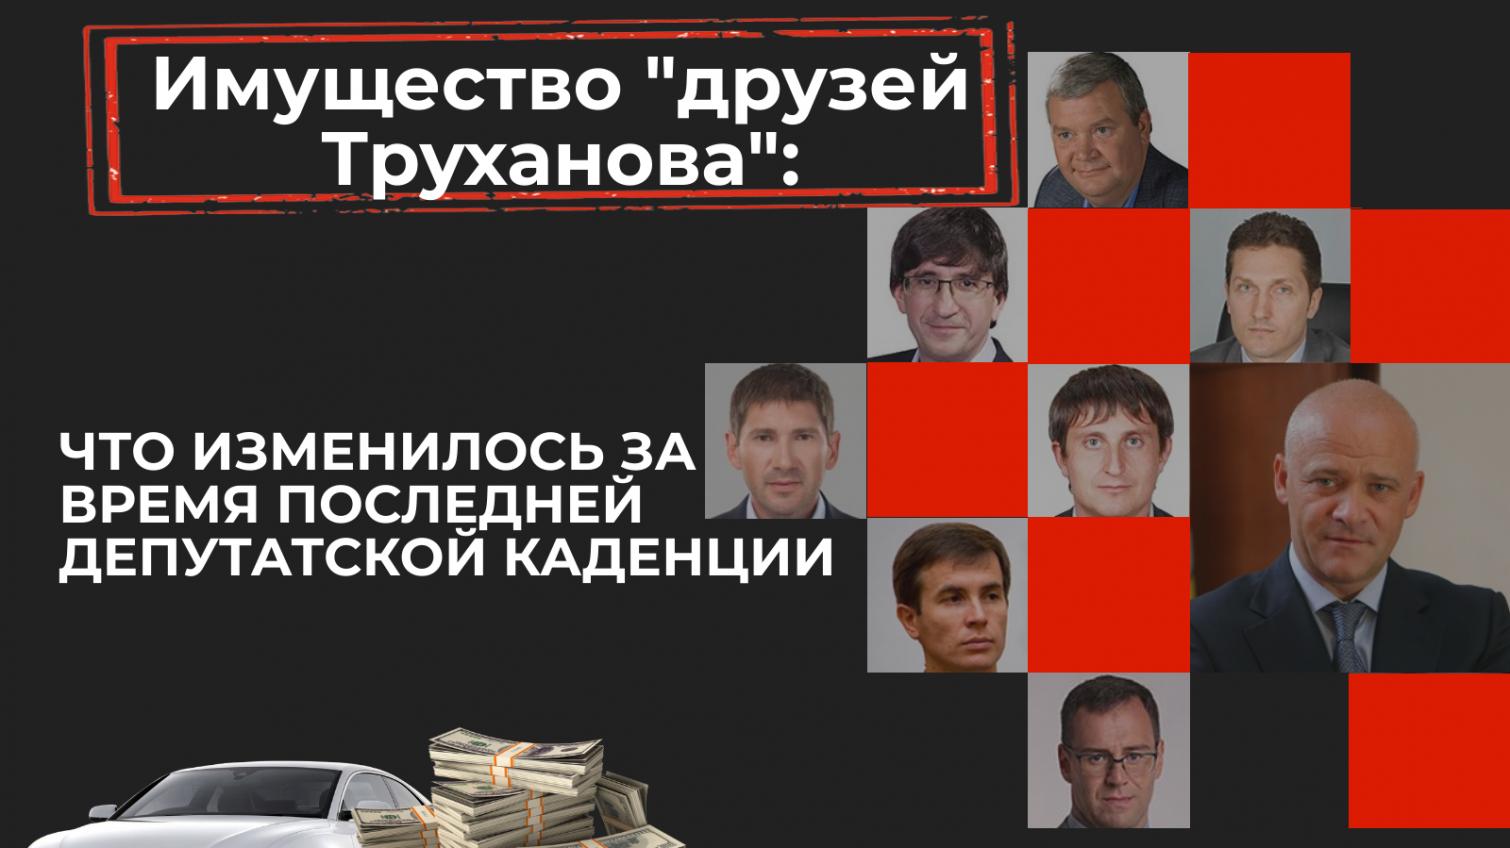 Имущество «друзей» Труханова: что изменилось за время последней депутатской каденции «фото»